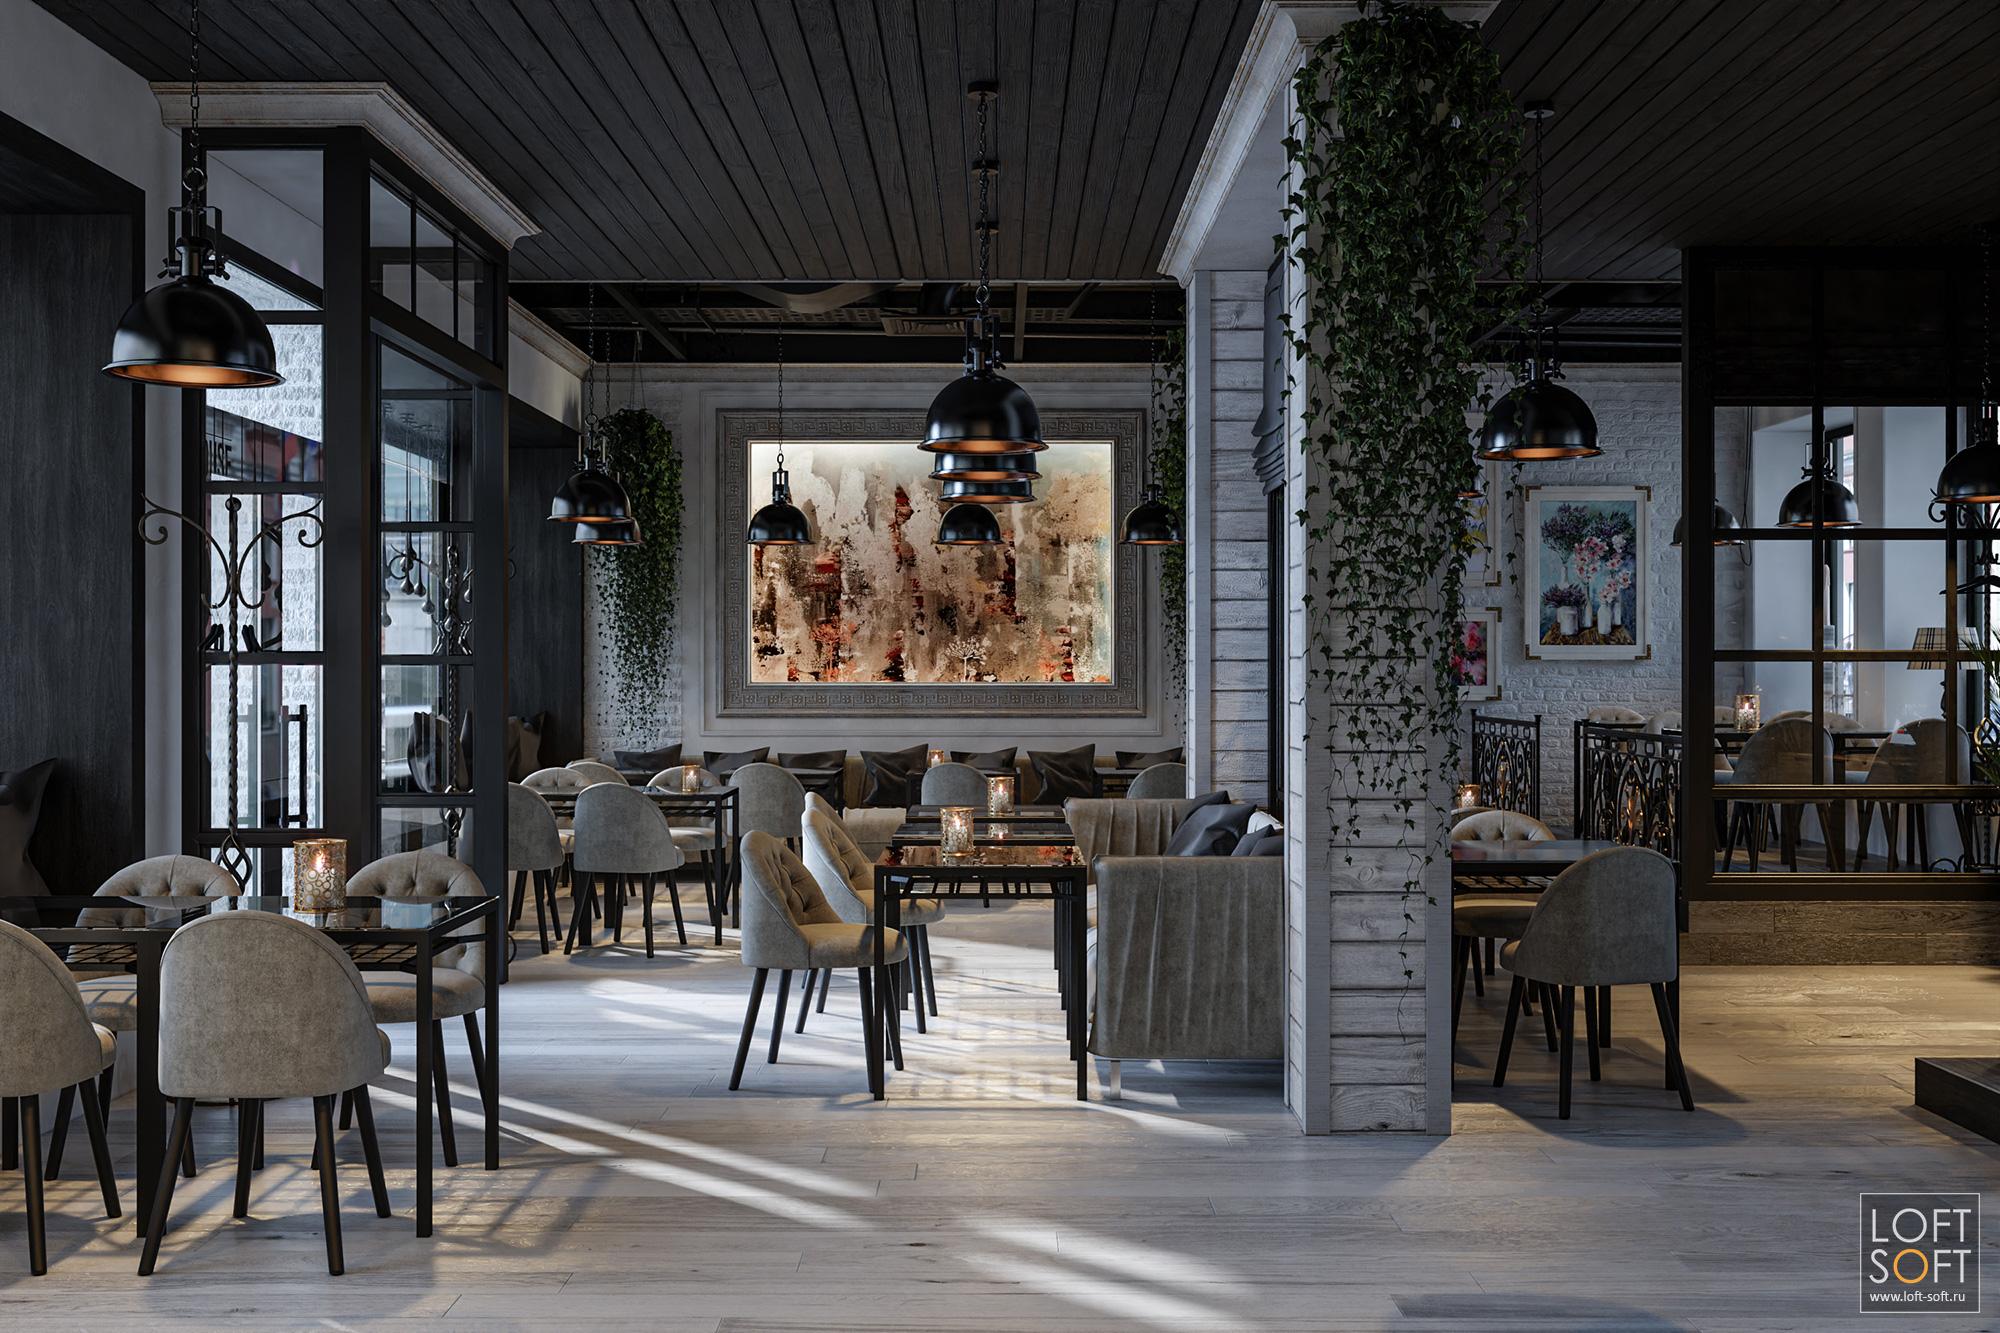 Дизайн кафе сдеревянным потолком. Кафе всовременном провансе.